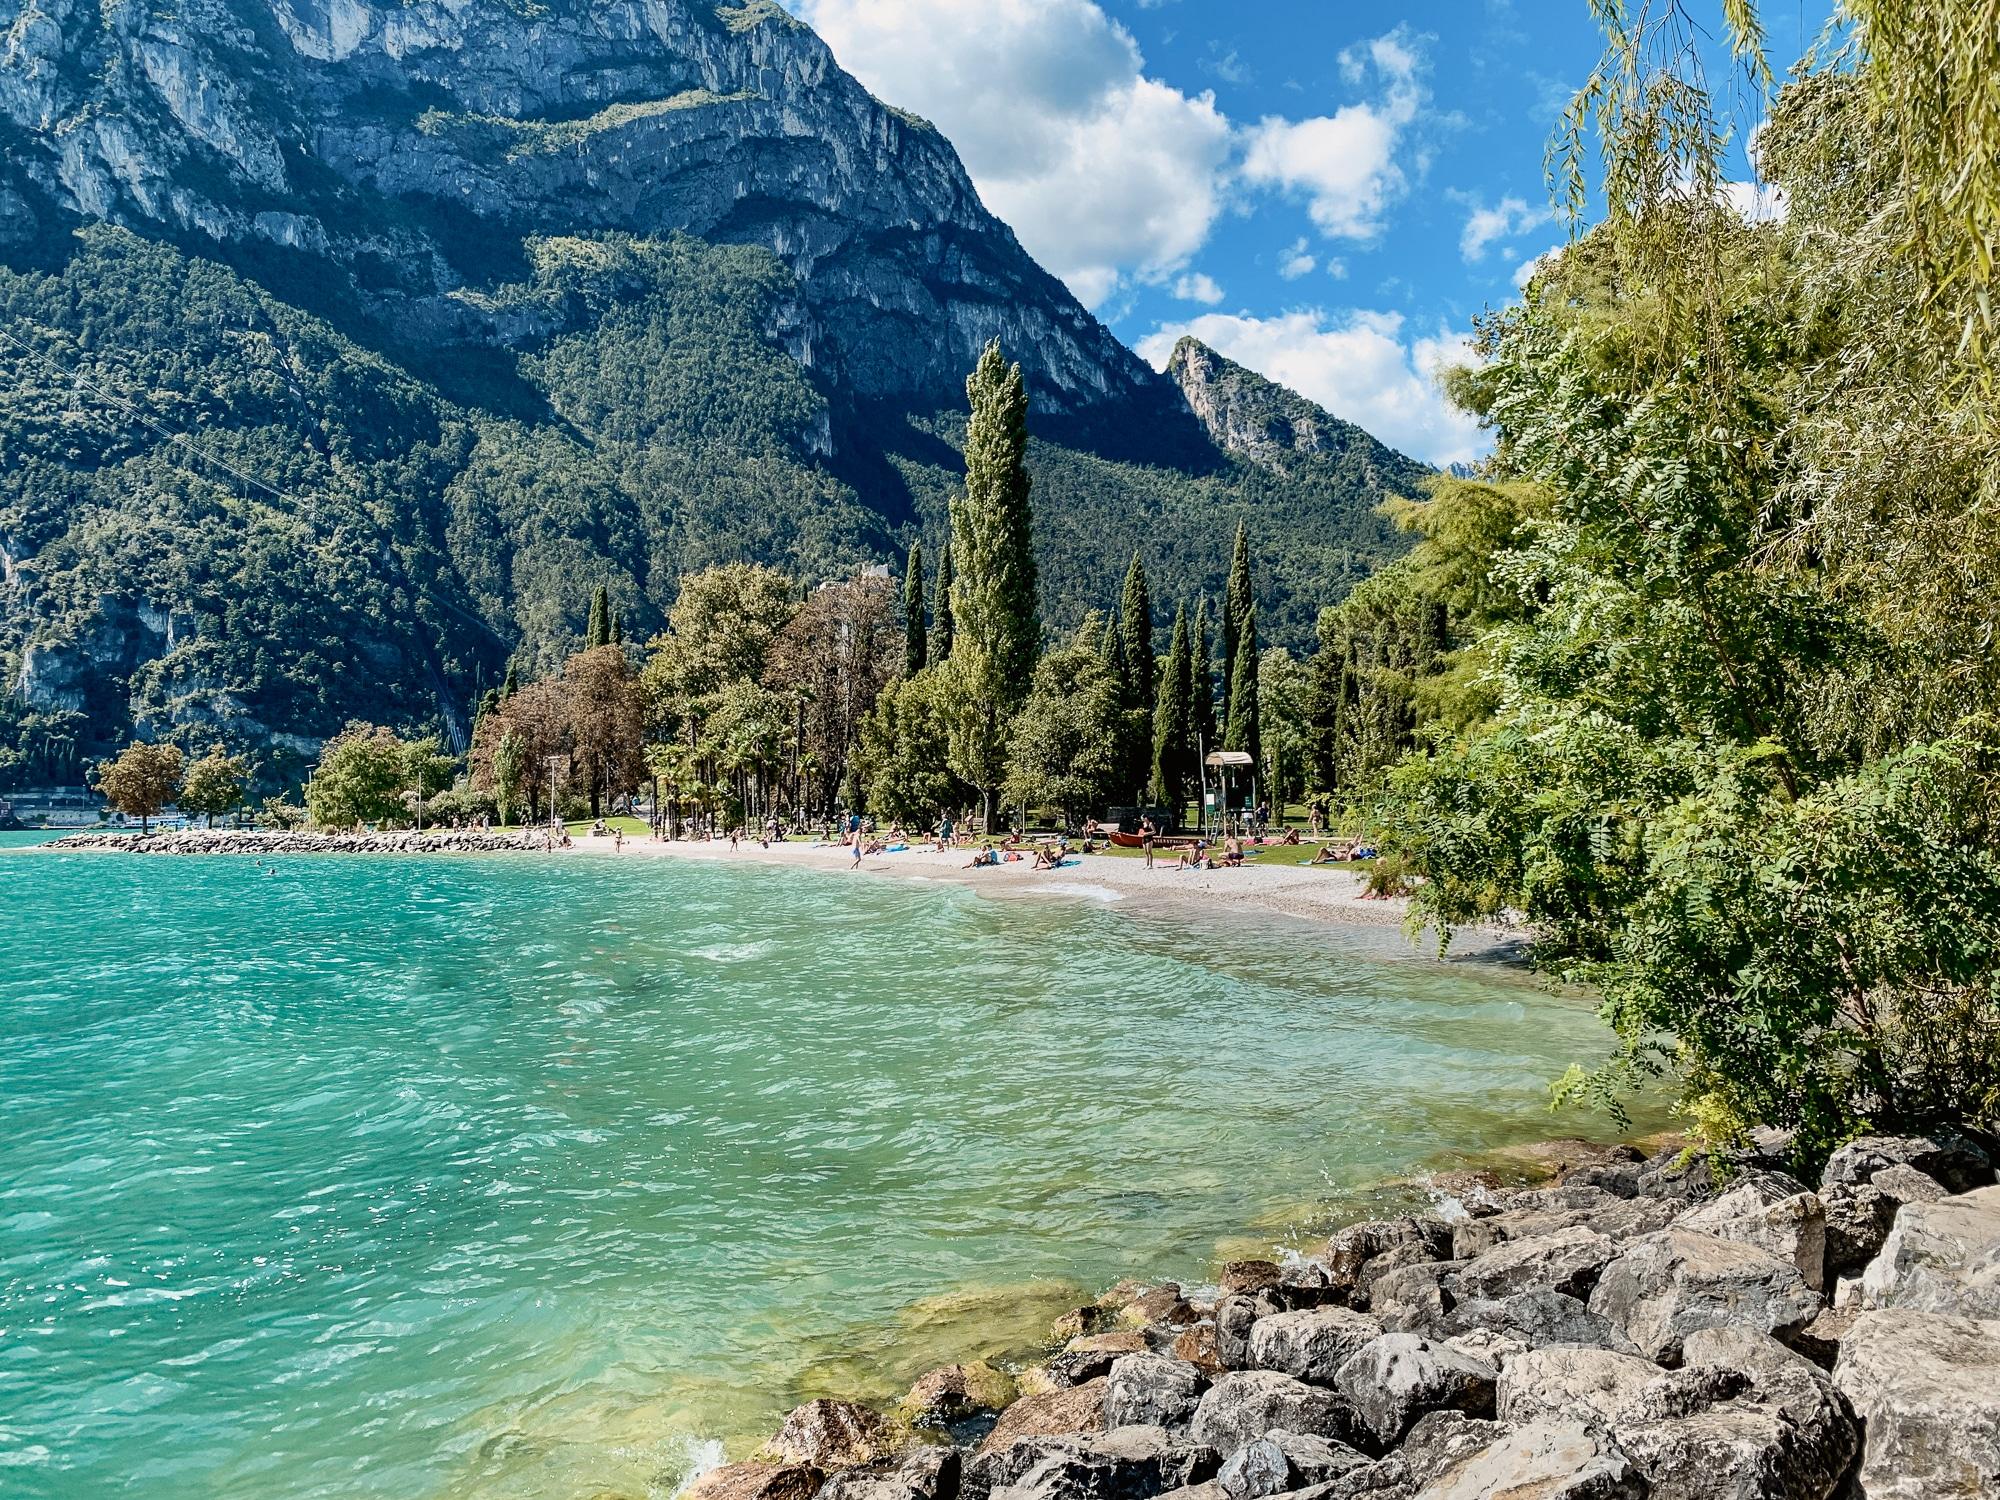 Hoody Hotel: Meine Erfahrungen im Gardasee Active & Happiness Hotel - Gardasee Strand in Riva del Garda